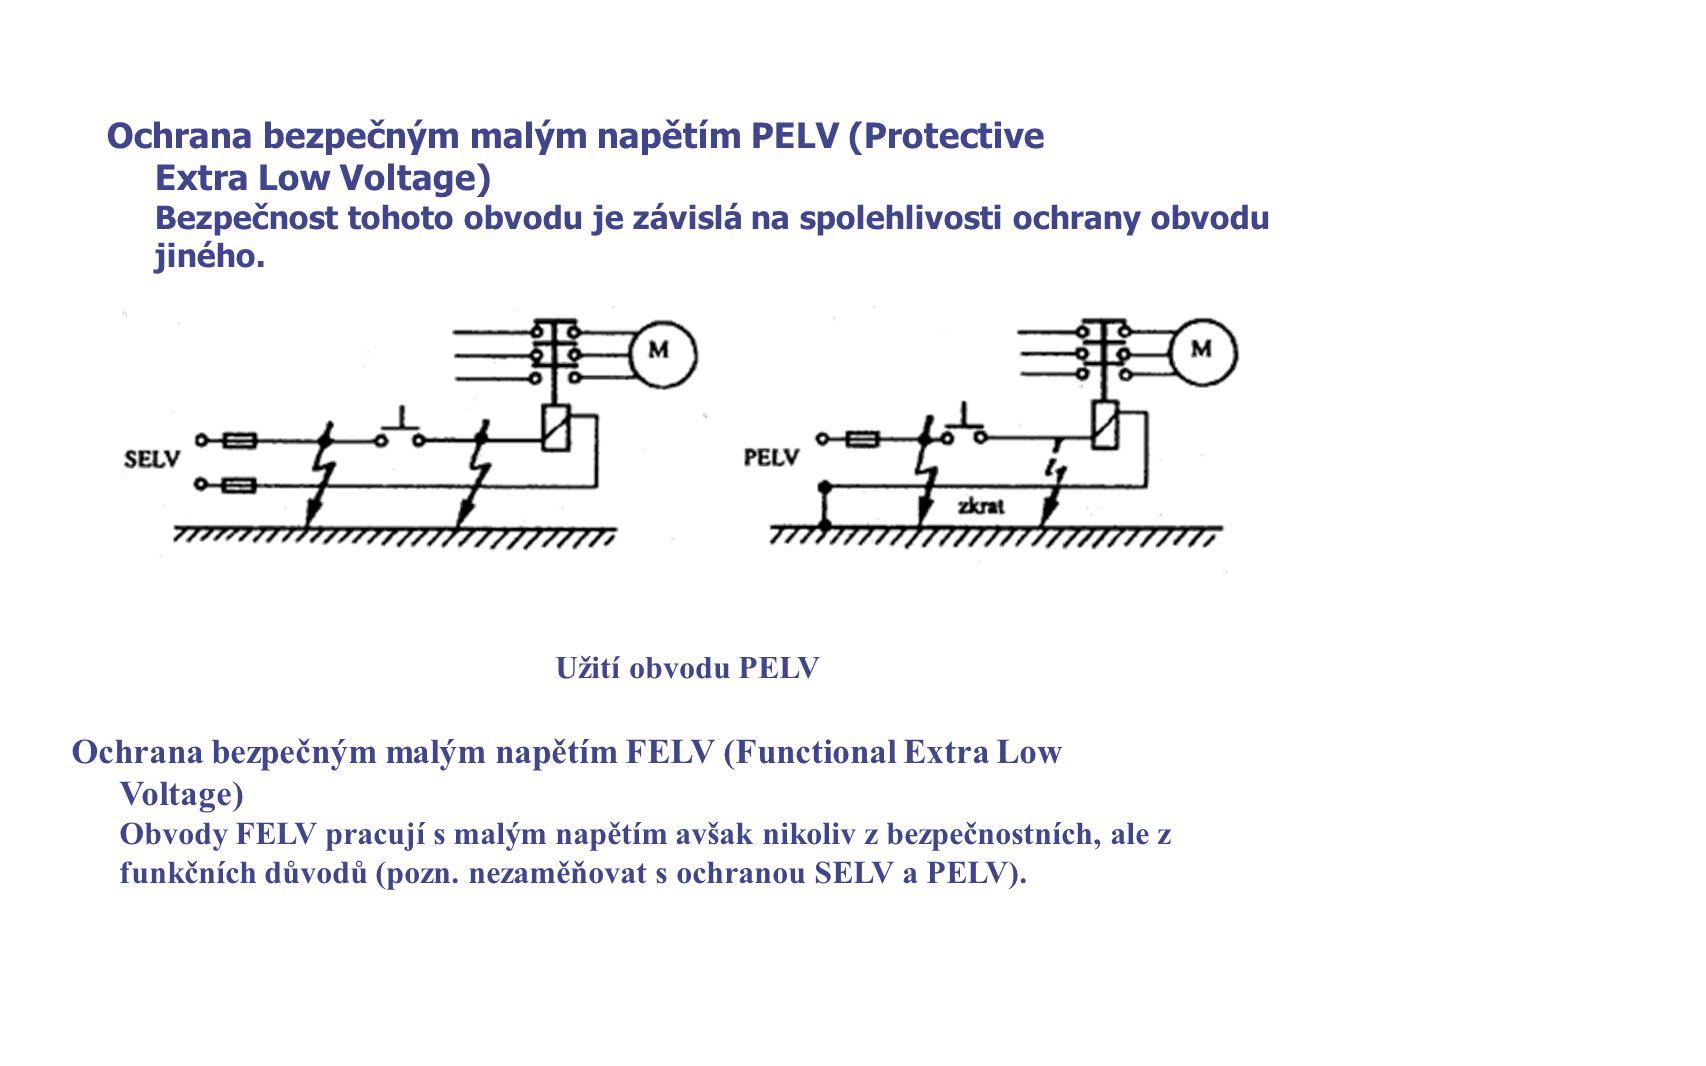 Ochrana bezpečným malým napětím PELV (Protective Extra Low Voltage)